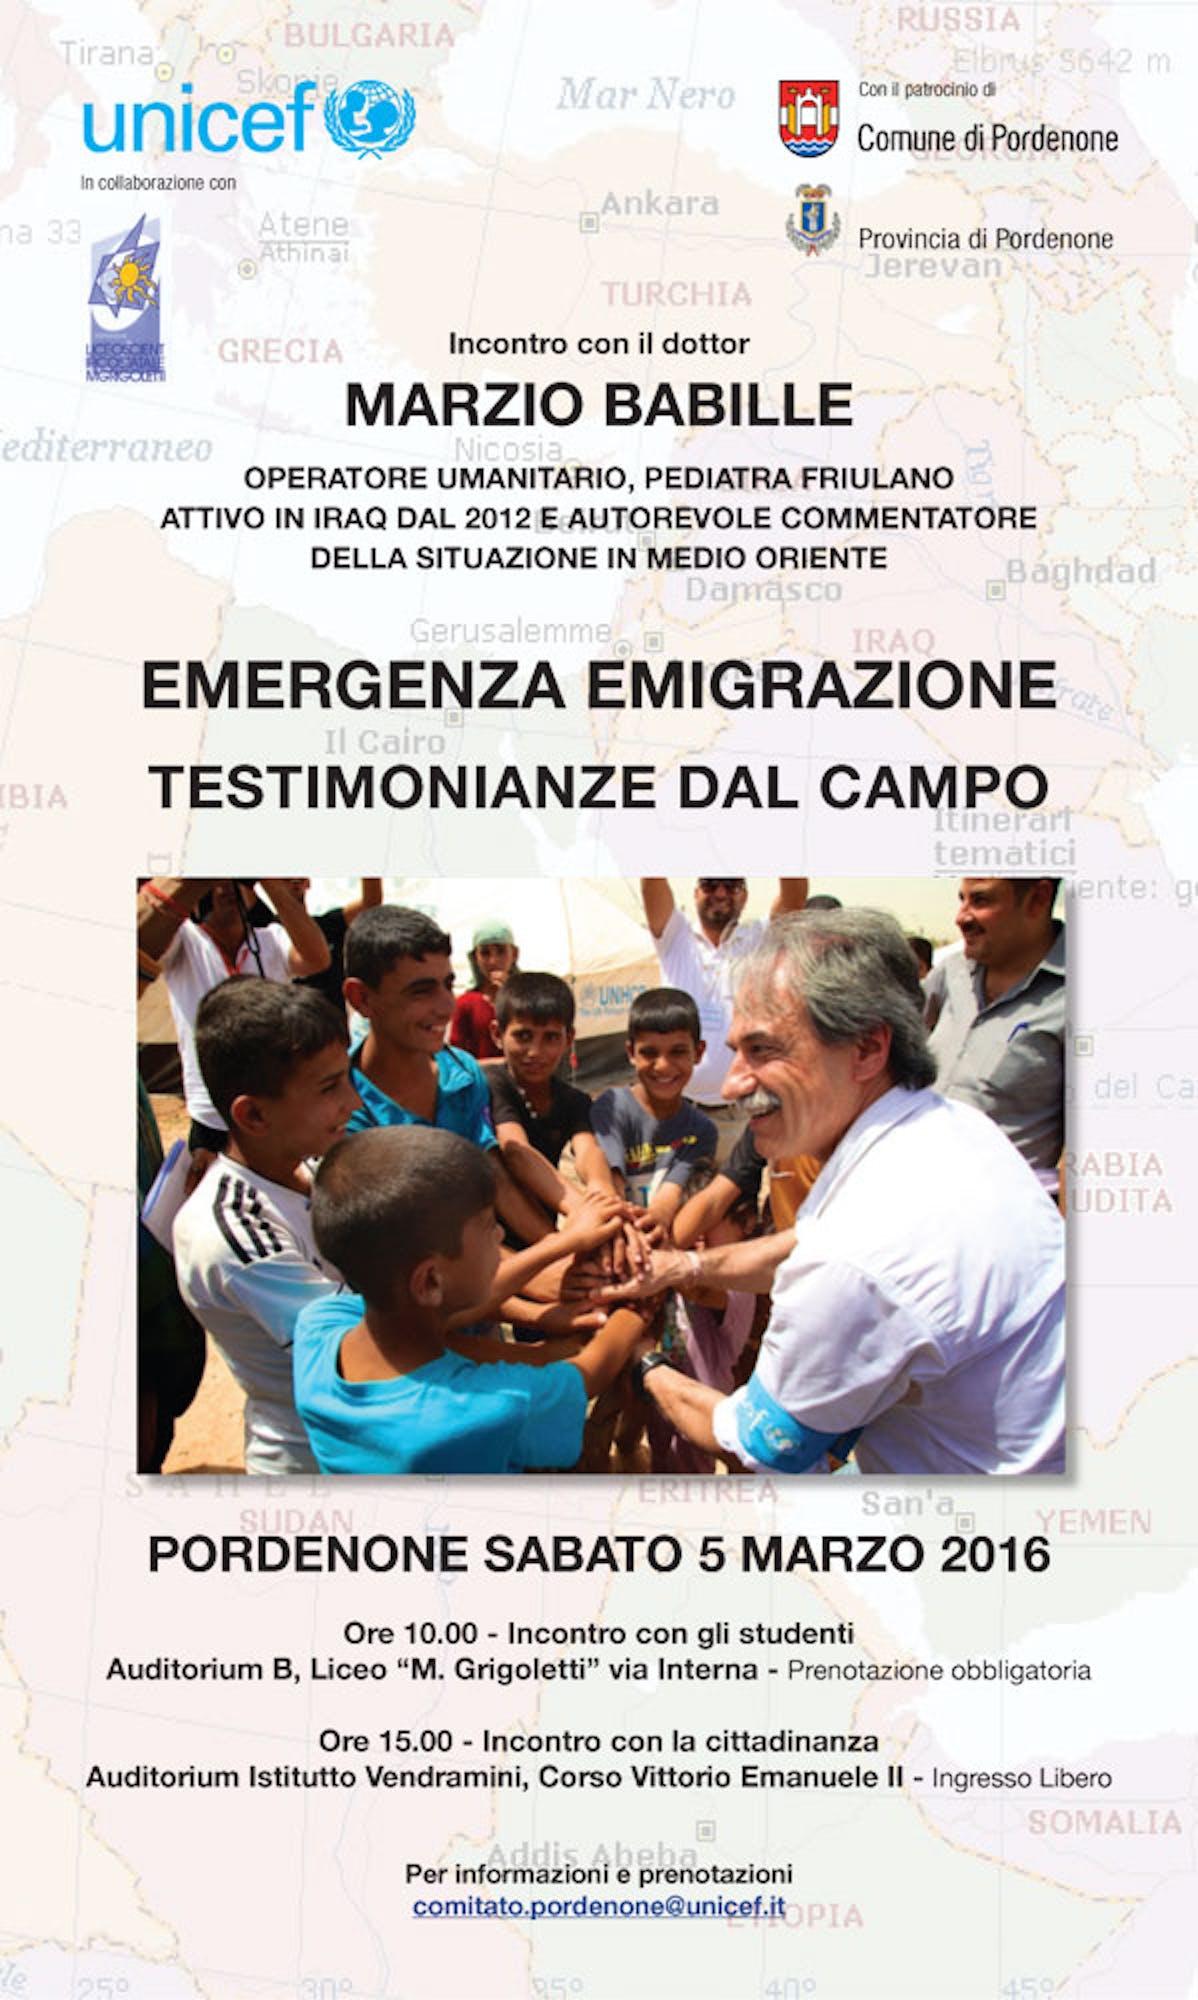 Pordenone incontra l'UNICEF sul campo